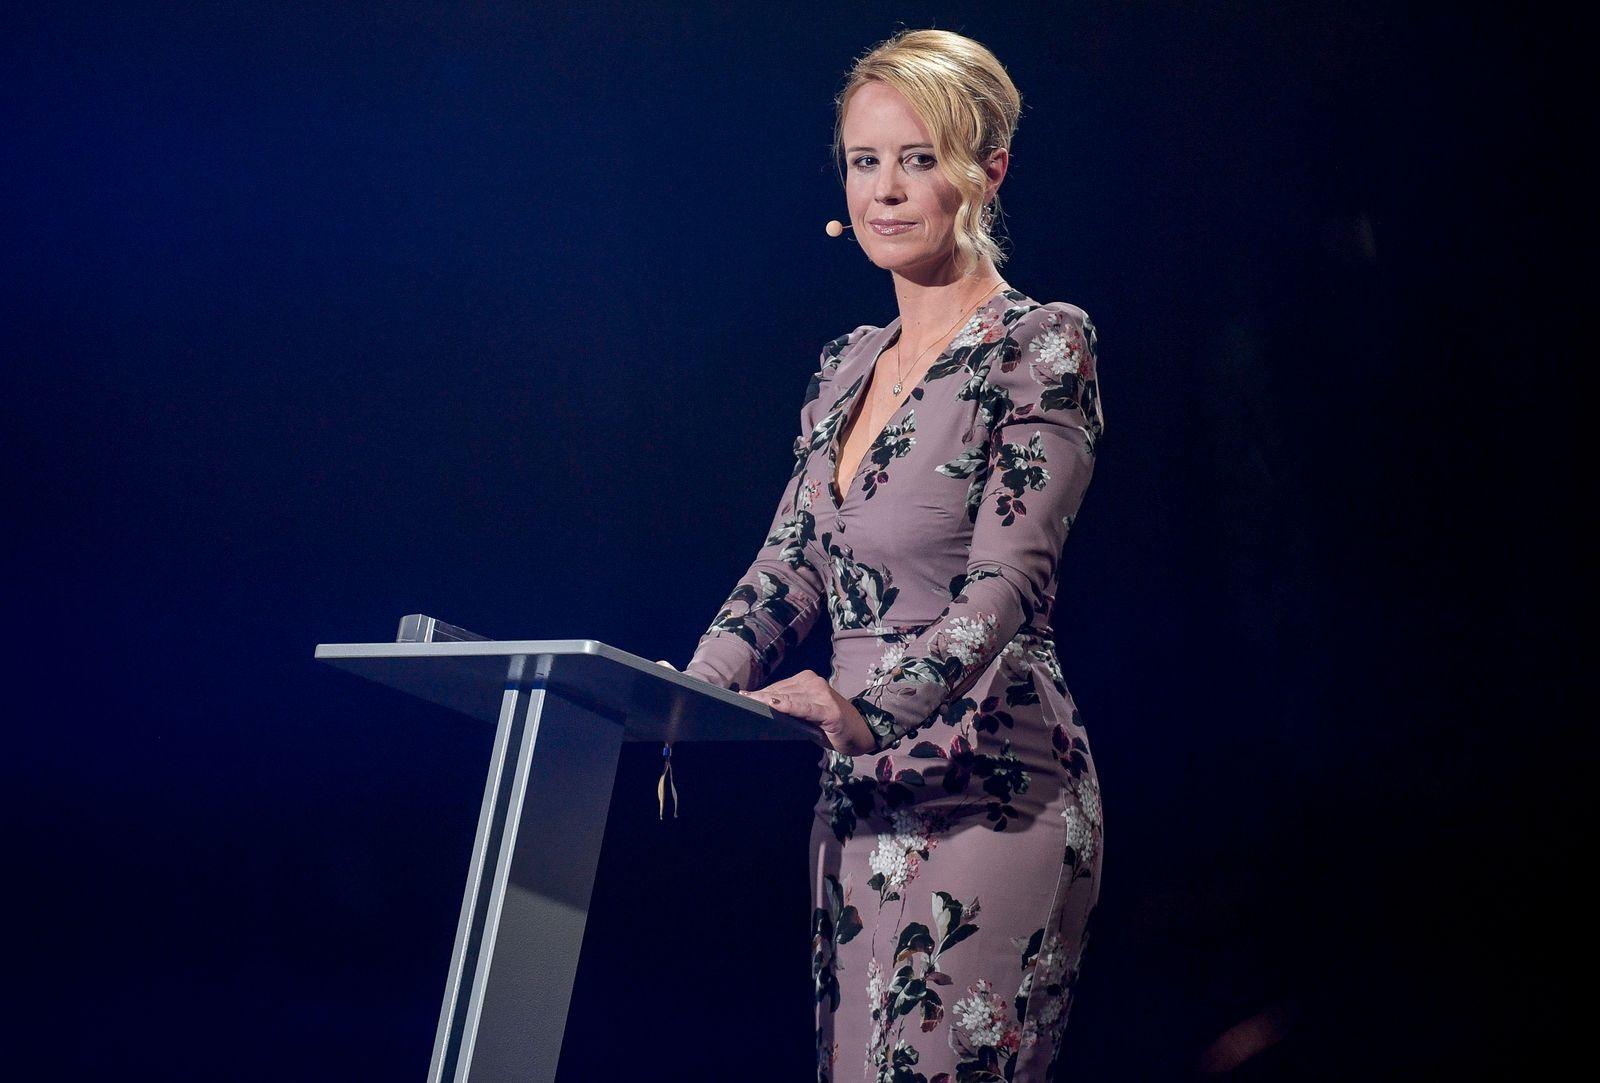 Deutscher Radiopreis 2018